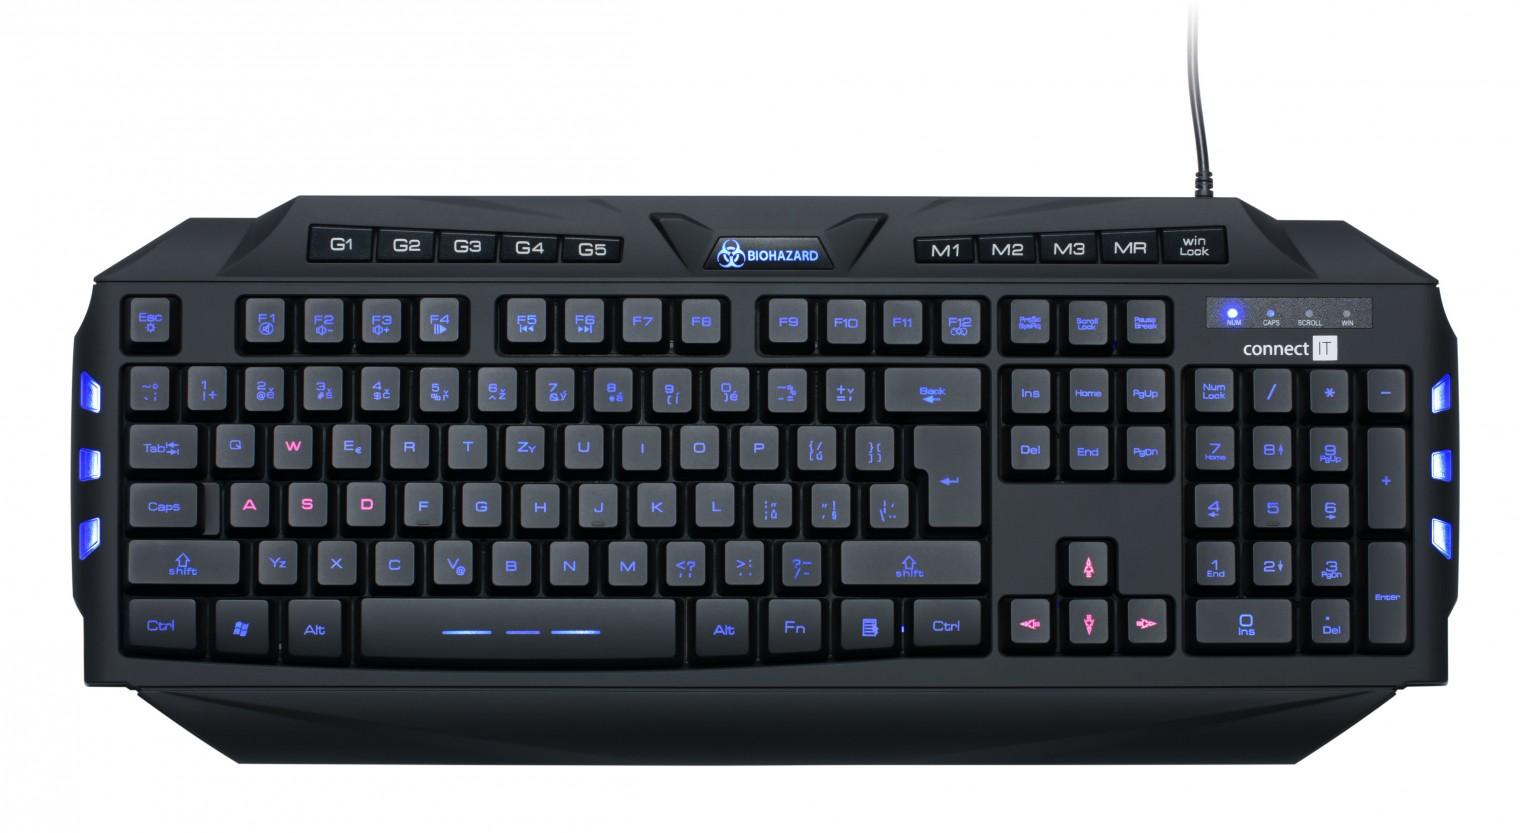 Herní klávesnice Connect IT CI-218 Biohazard Keyboard GK2000 USB CZ, čierna BAZAR